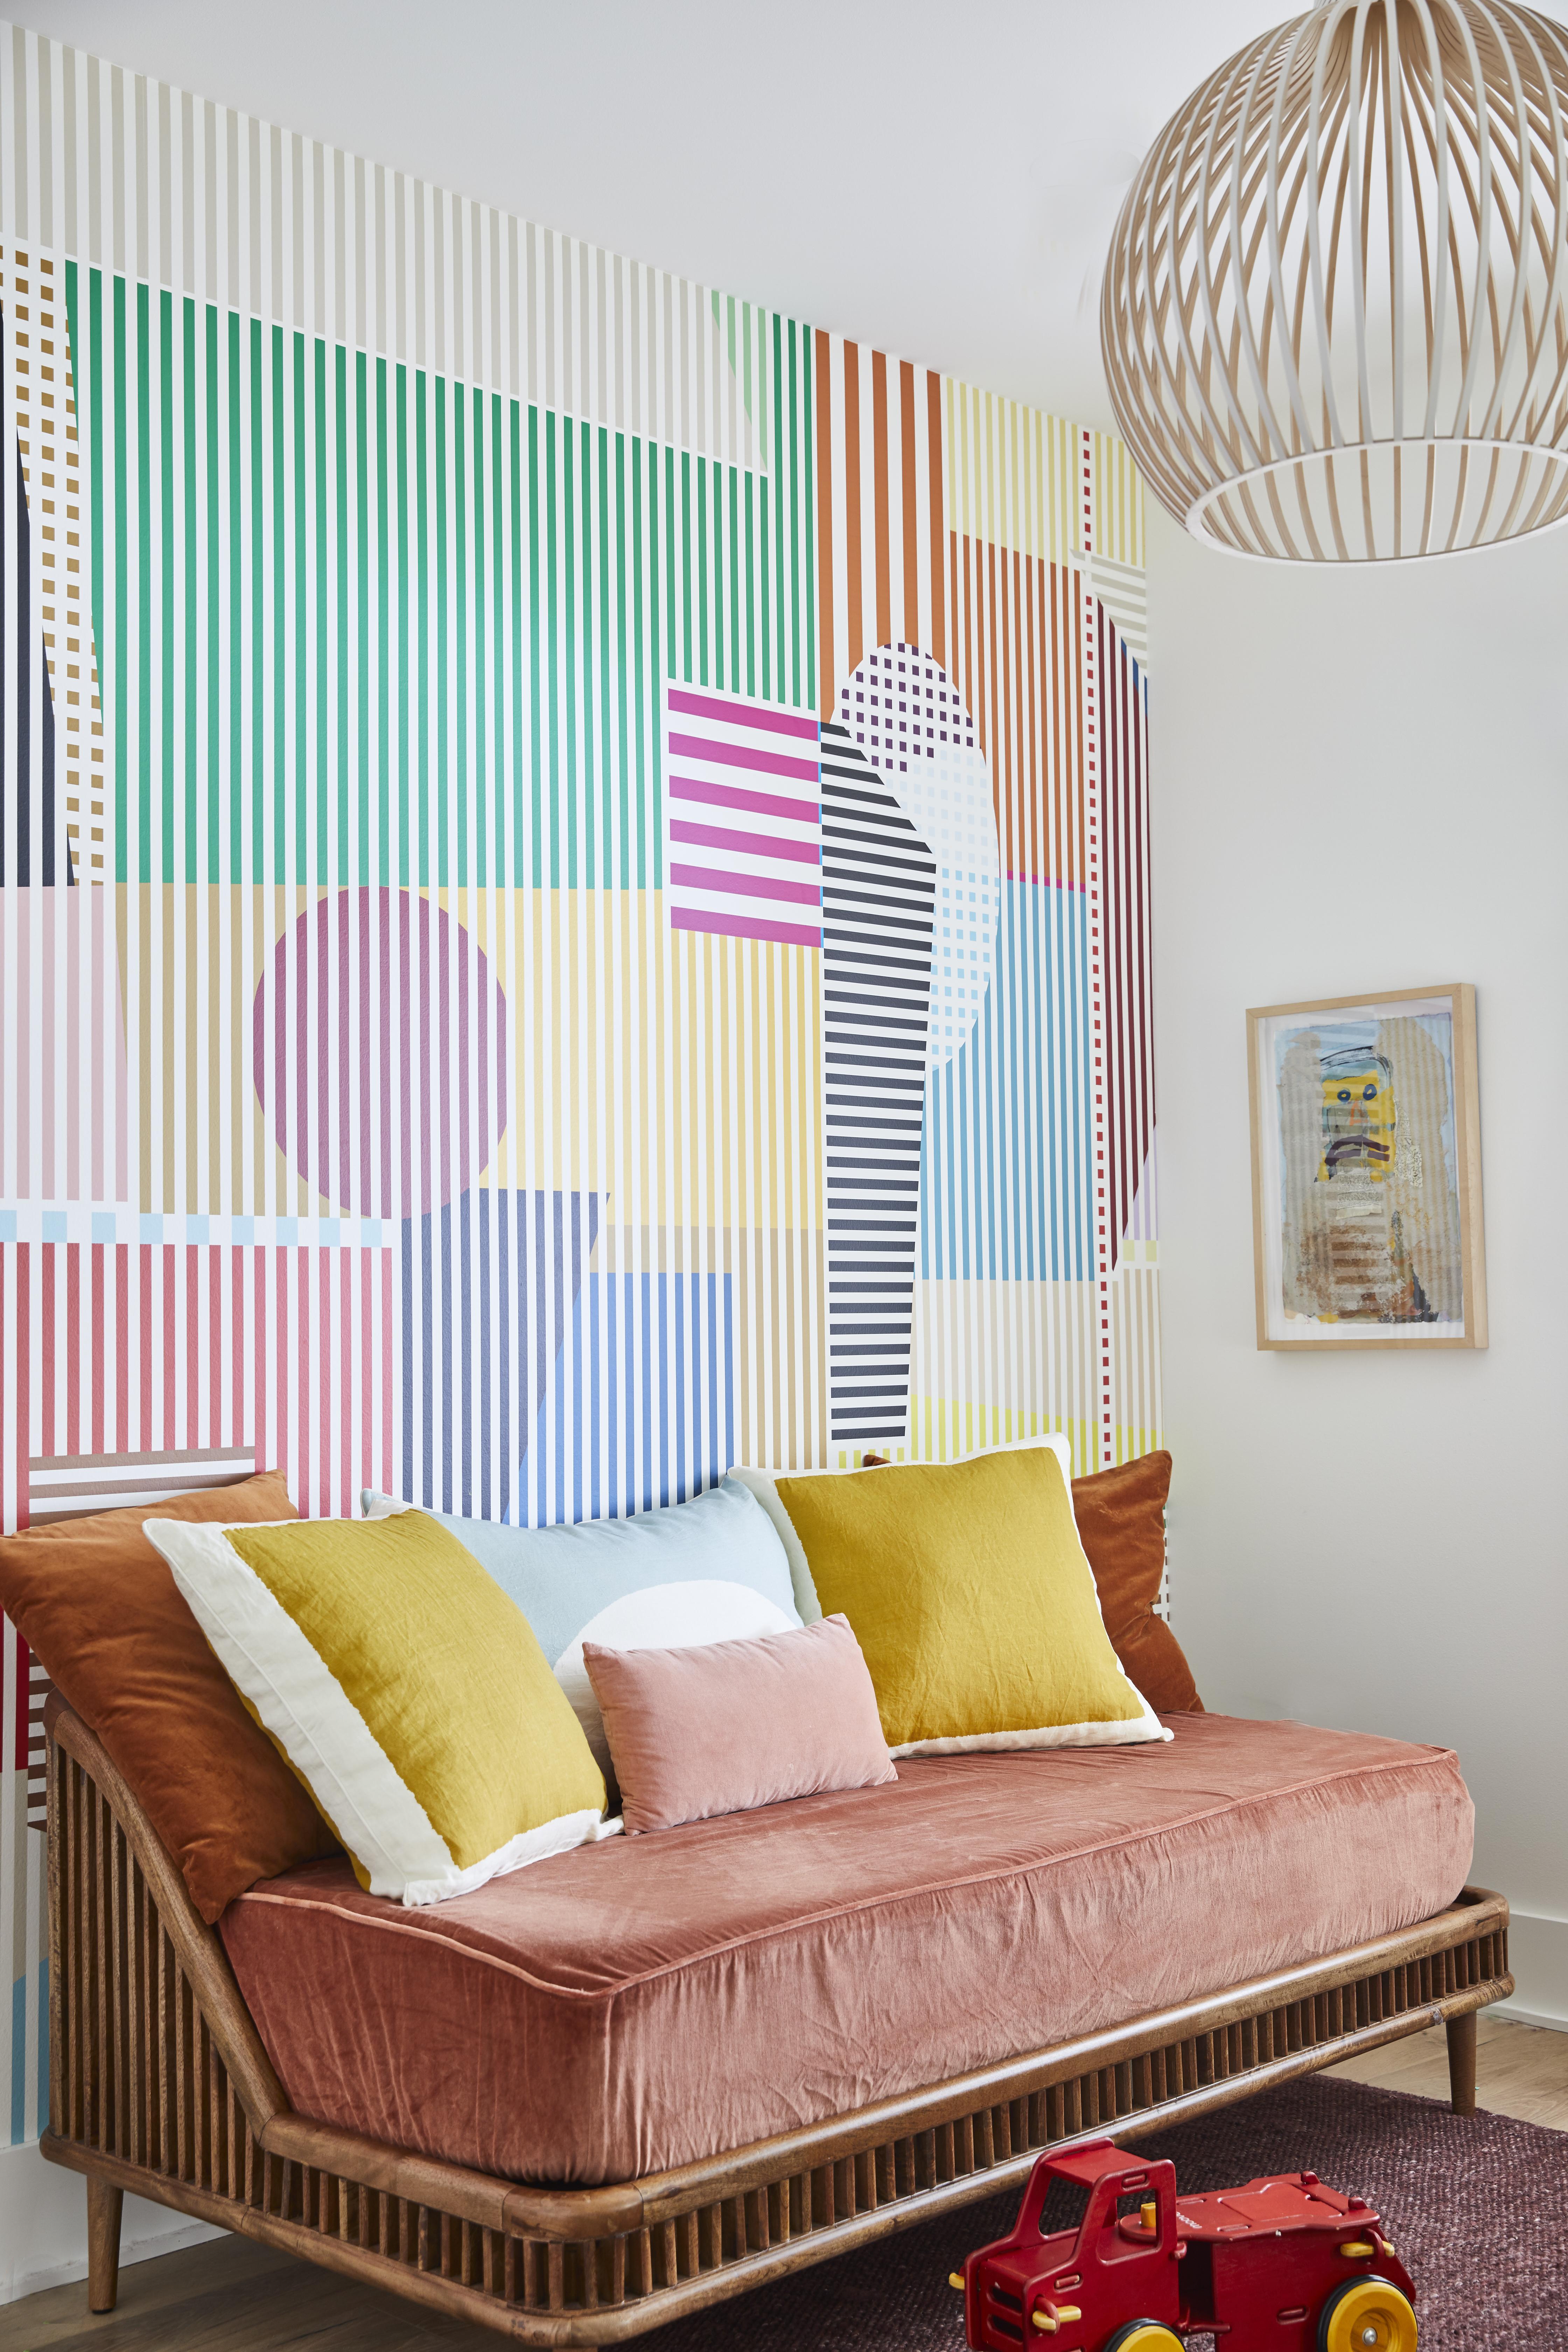 Children's Playroom, Storyteller, Home Design - Valerie Legras Atelier